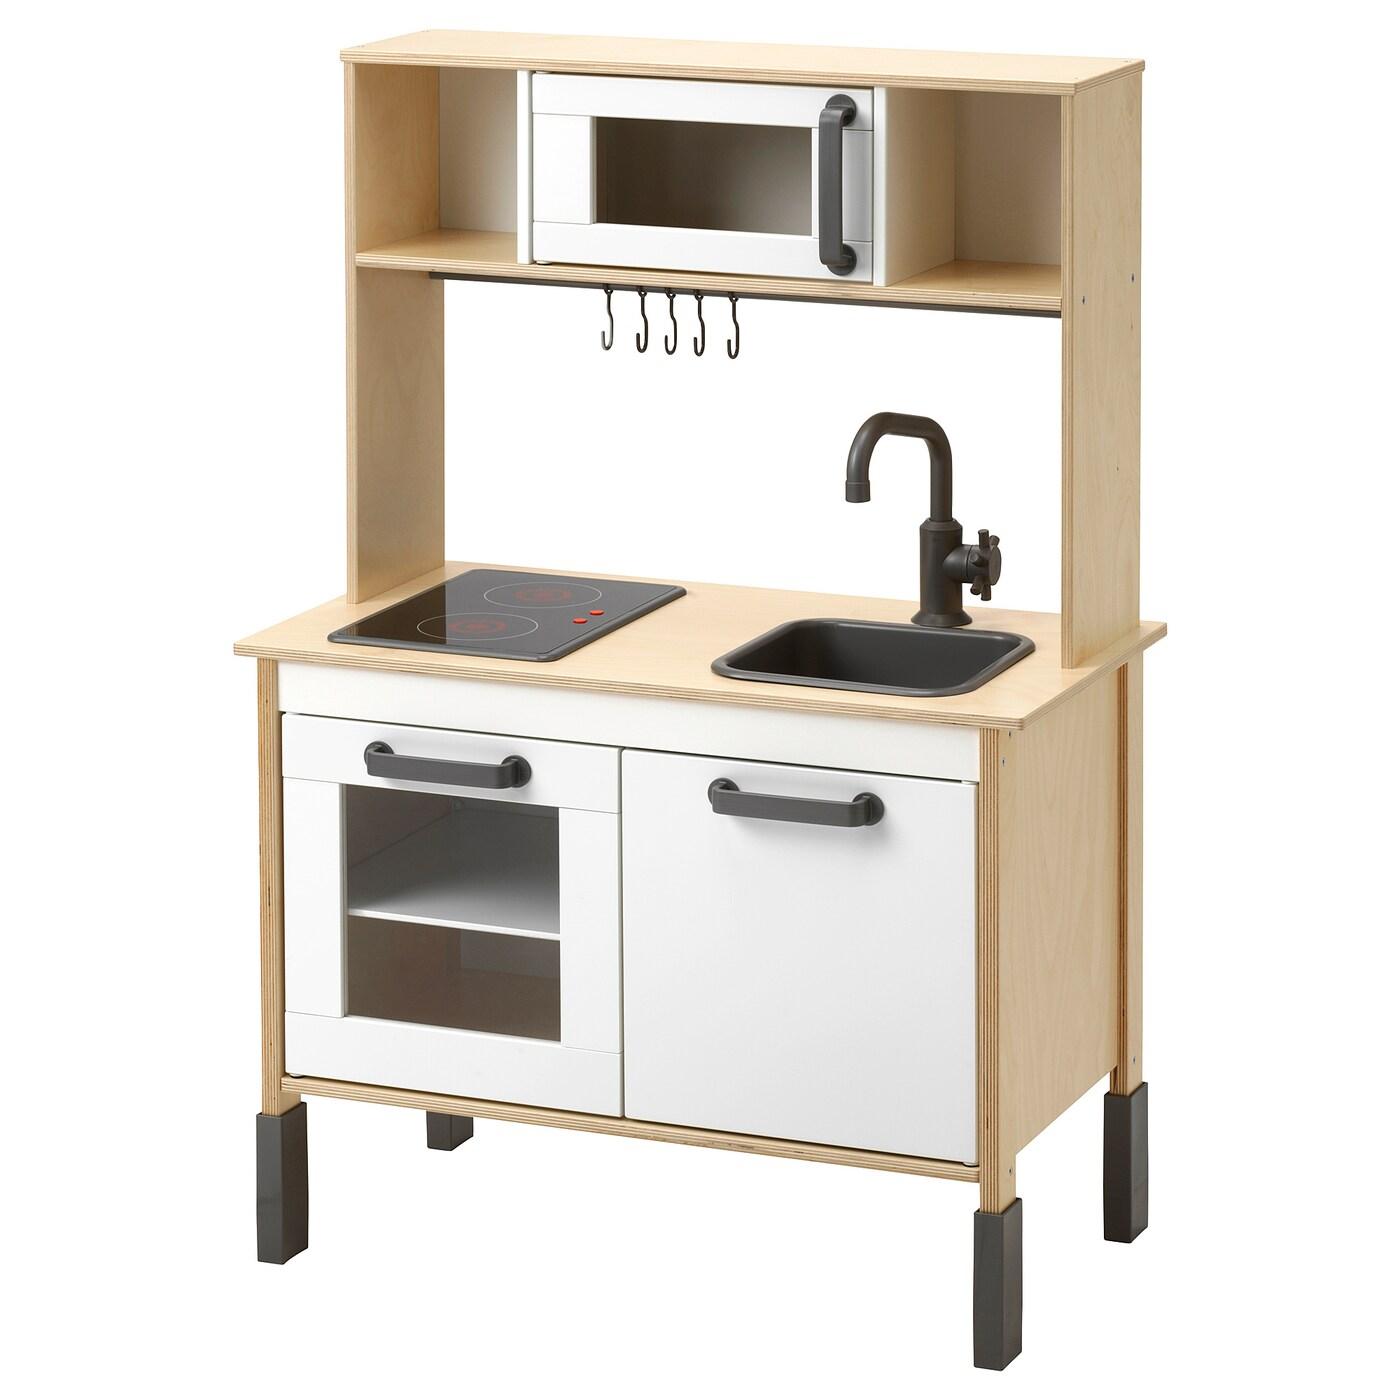 Ikea Kitchen